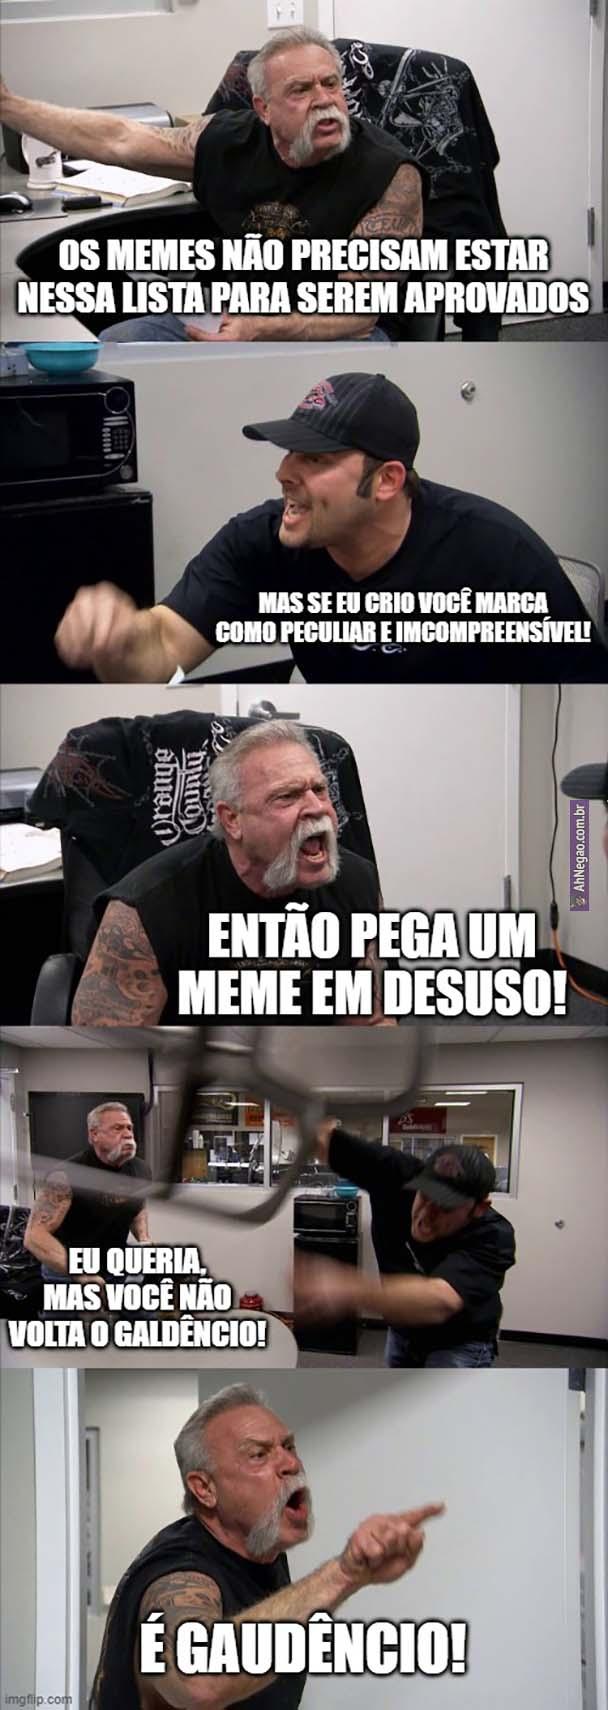 meme quinta 63